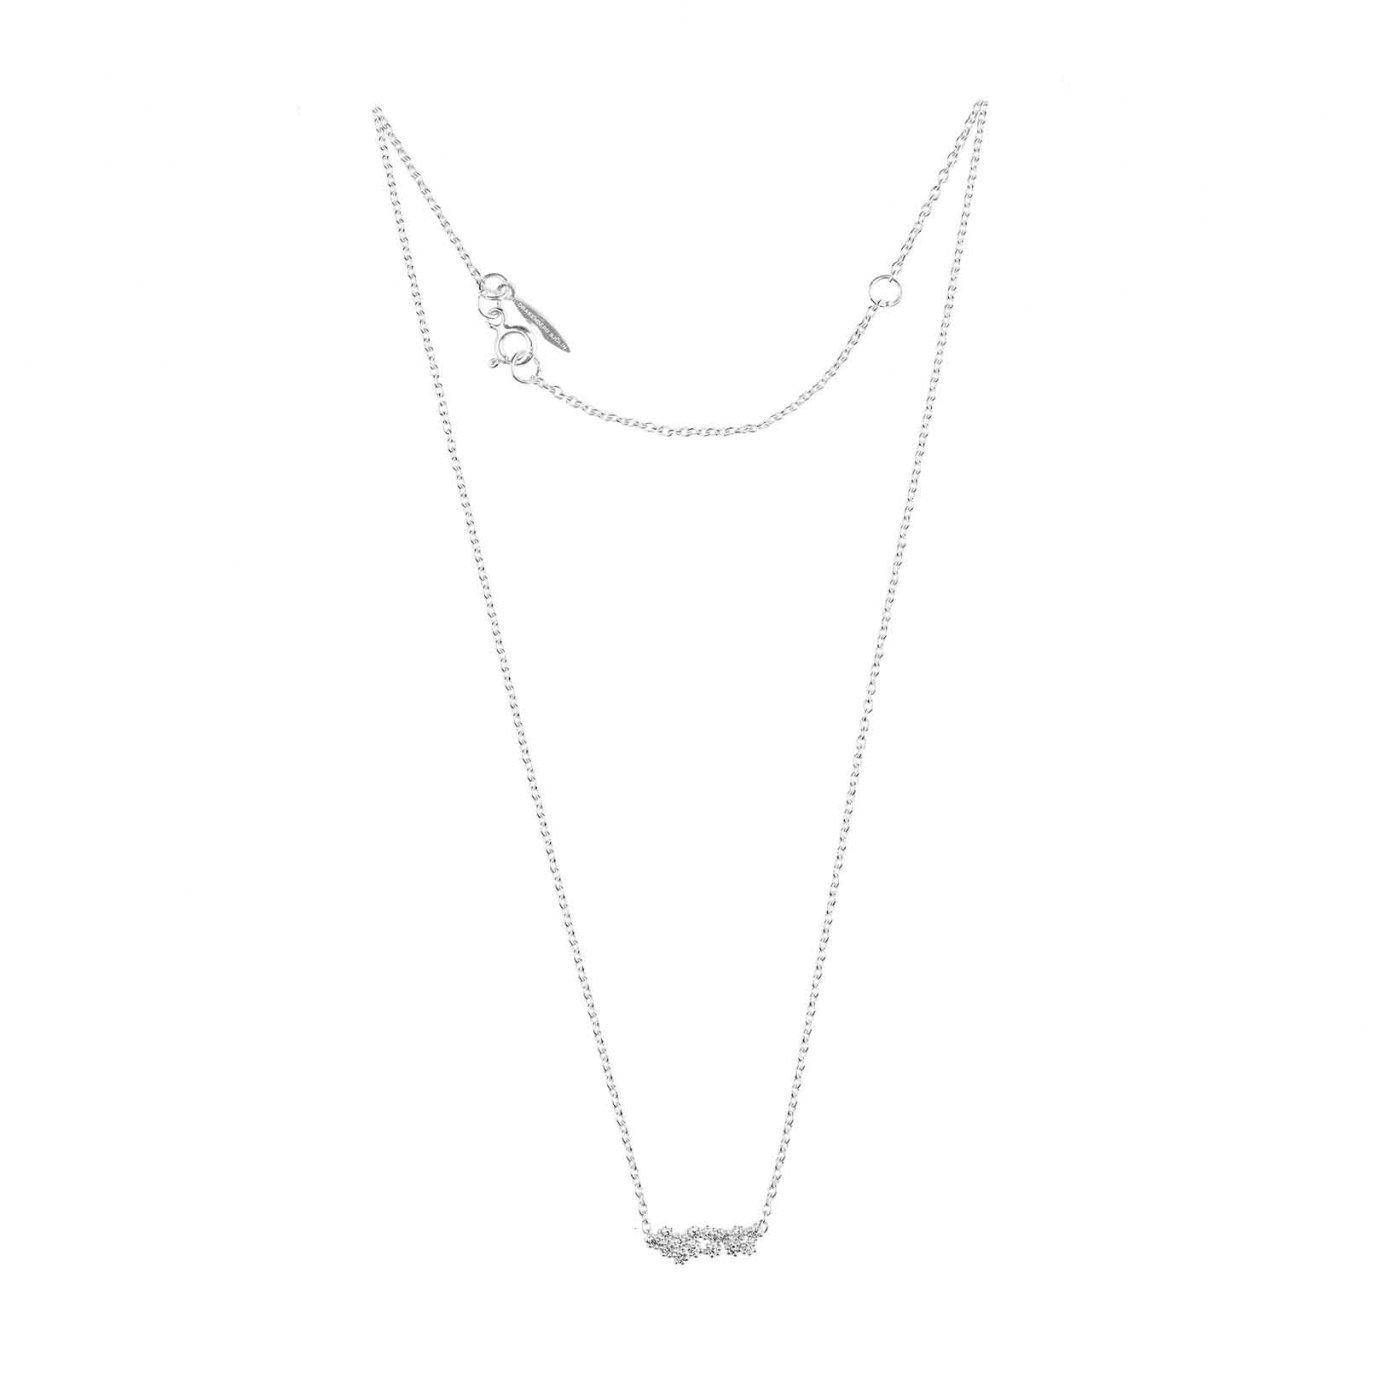 : - Milky Way single necklace